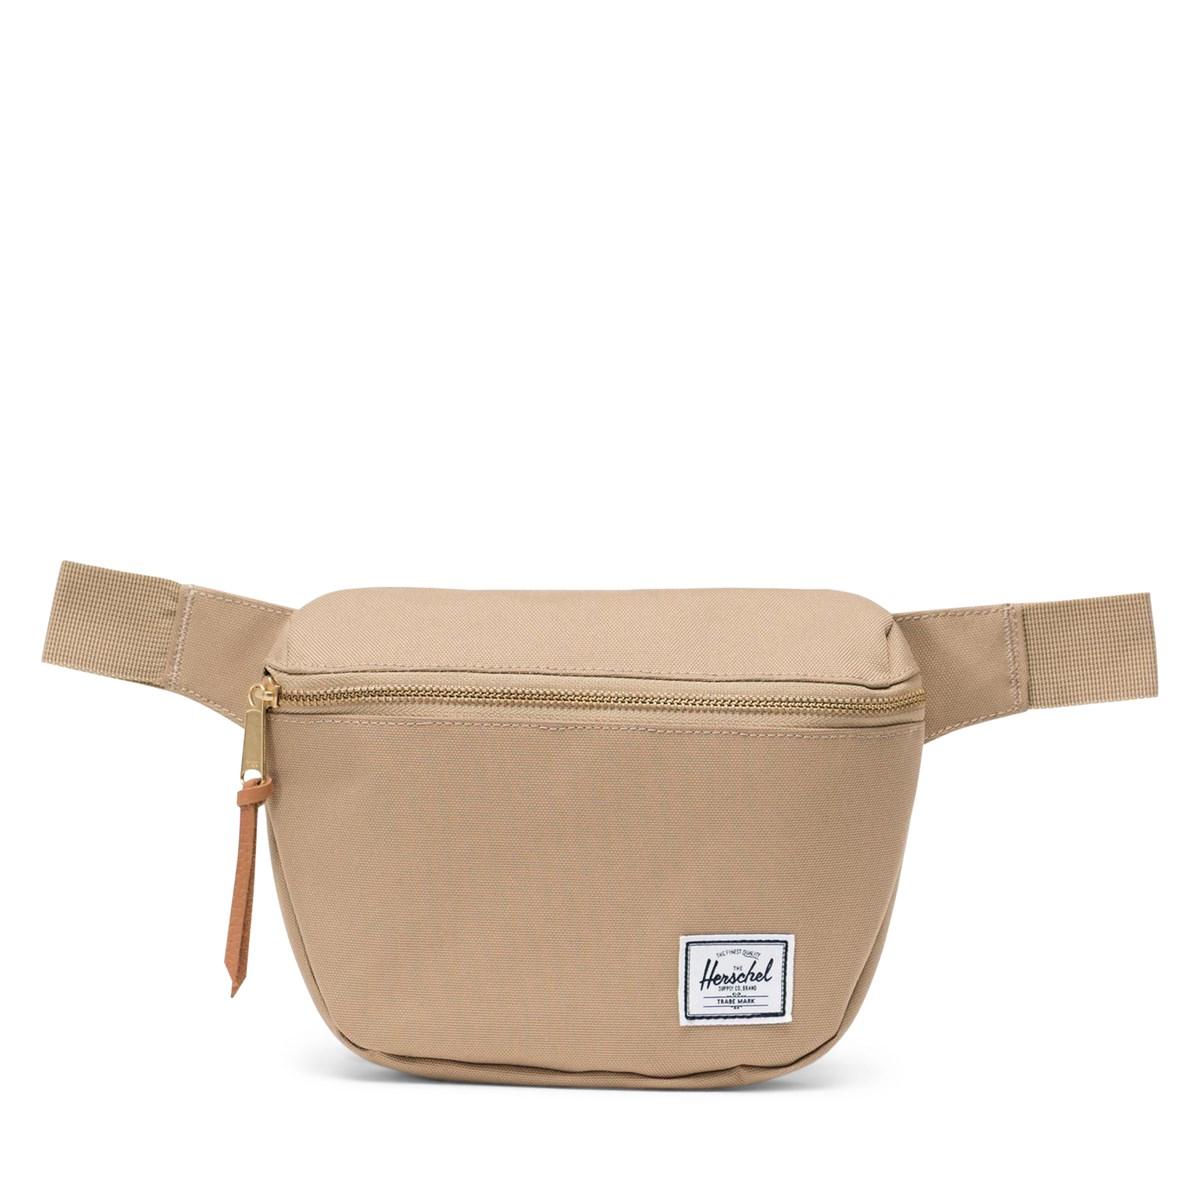 Fifteen Hip Bag in Beige